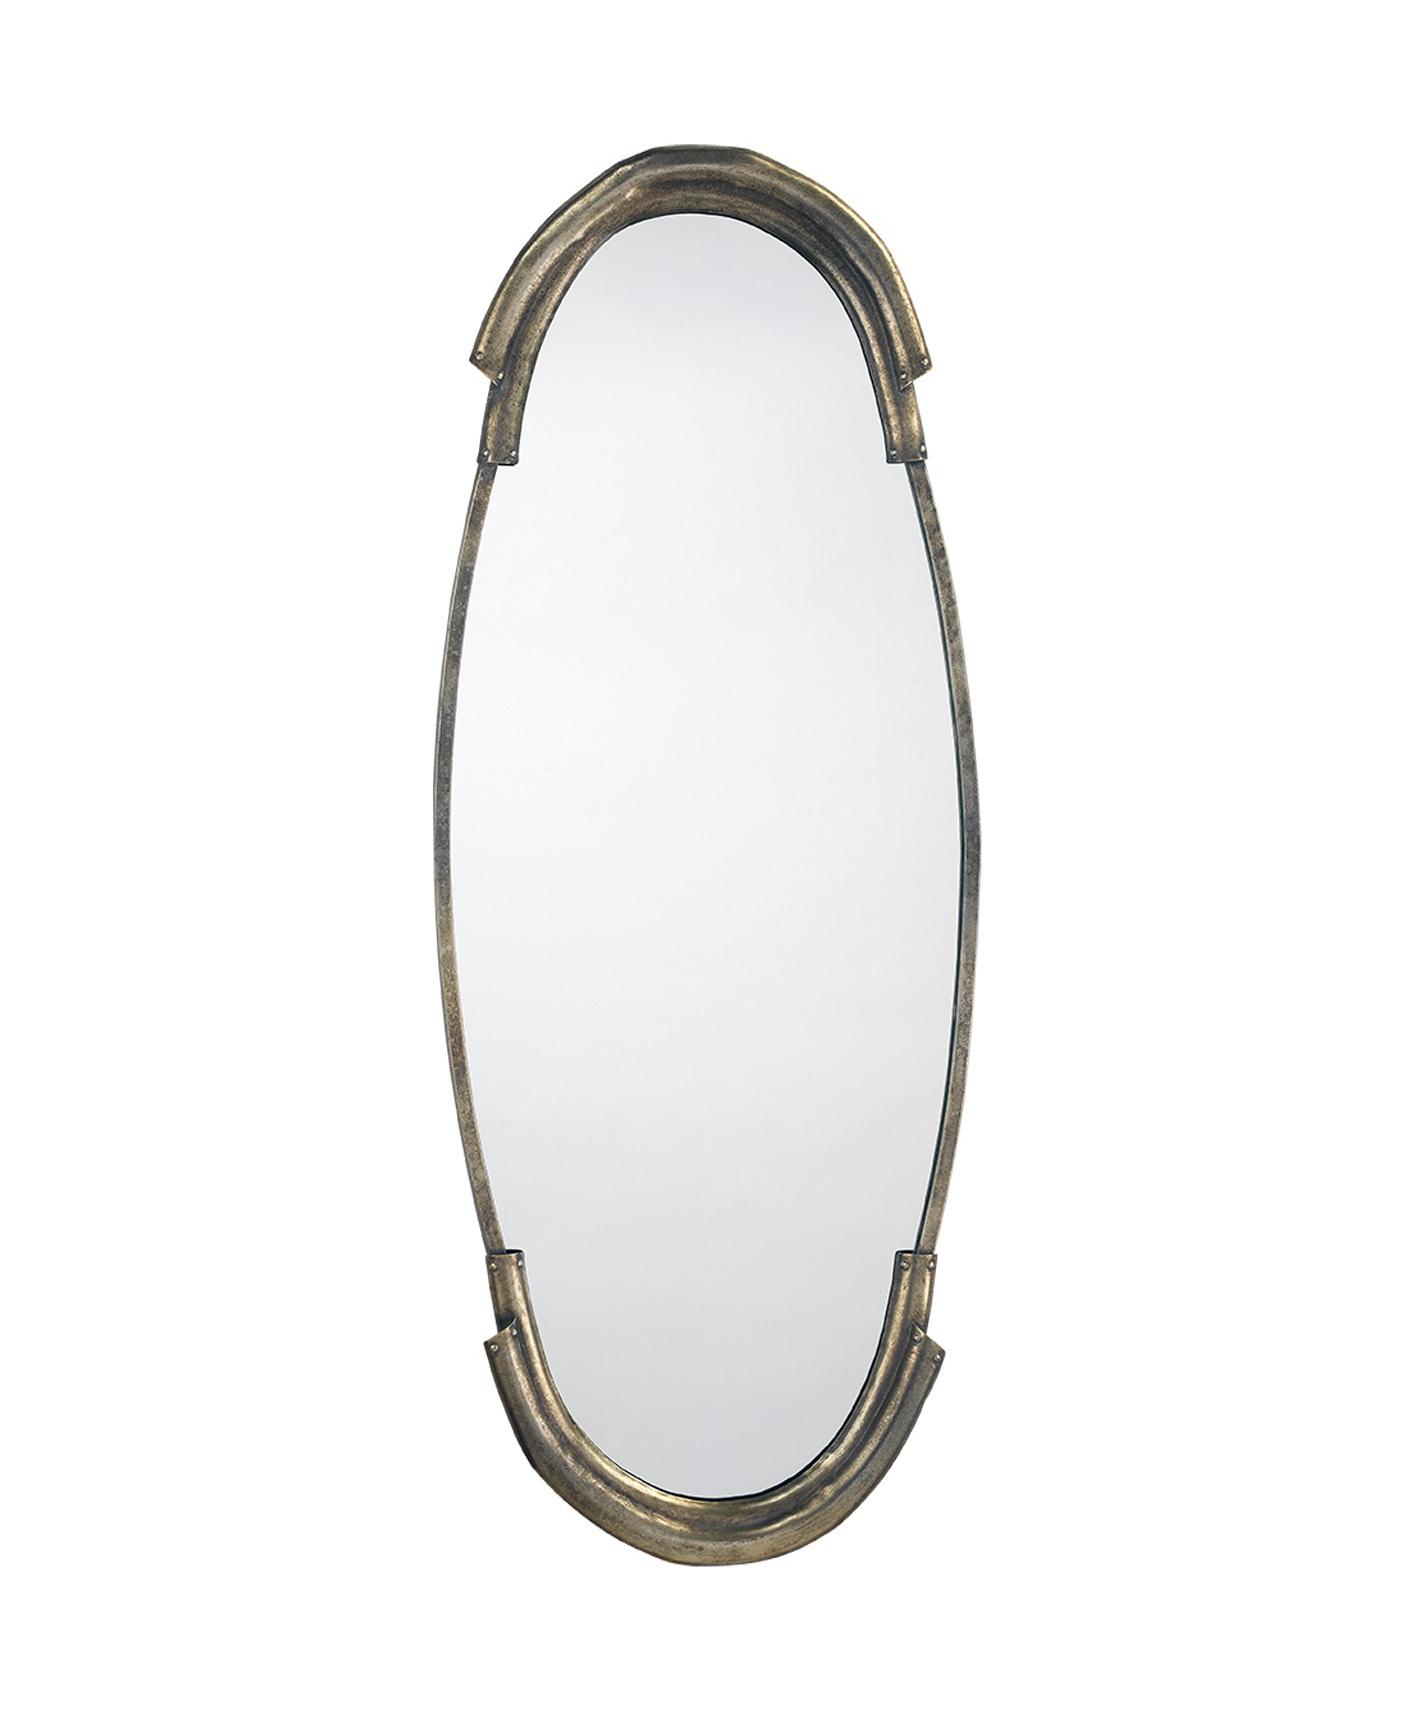 Toby Antique Silver Mirror